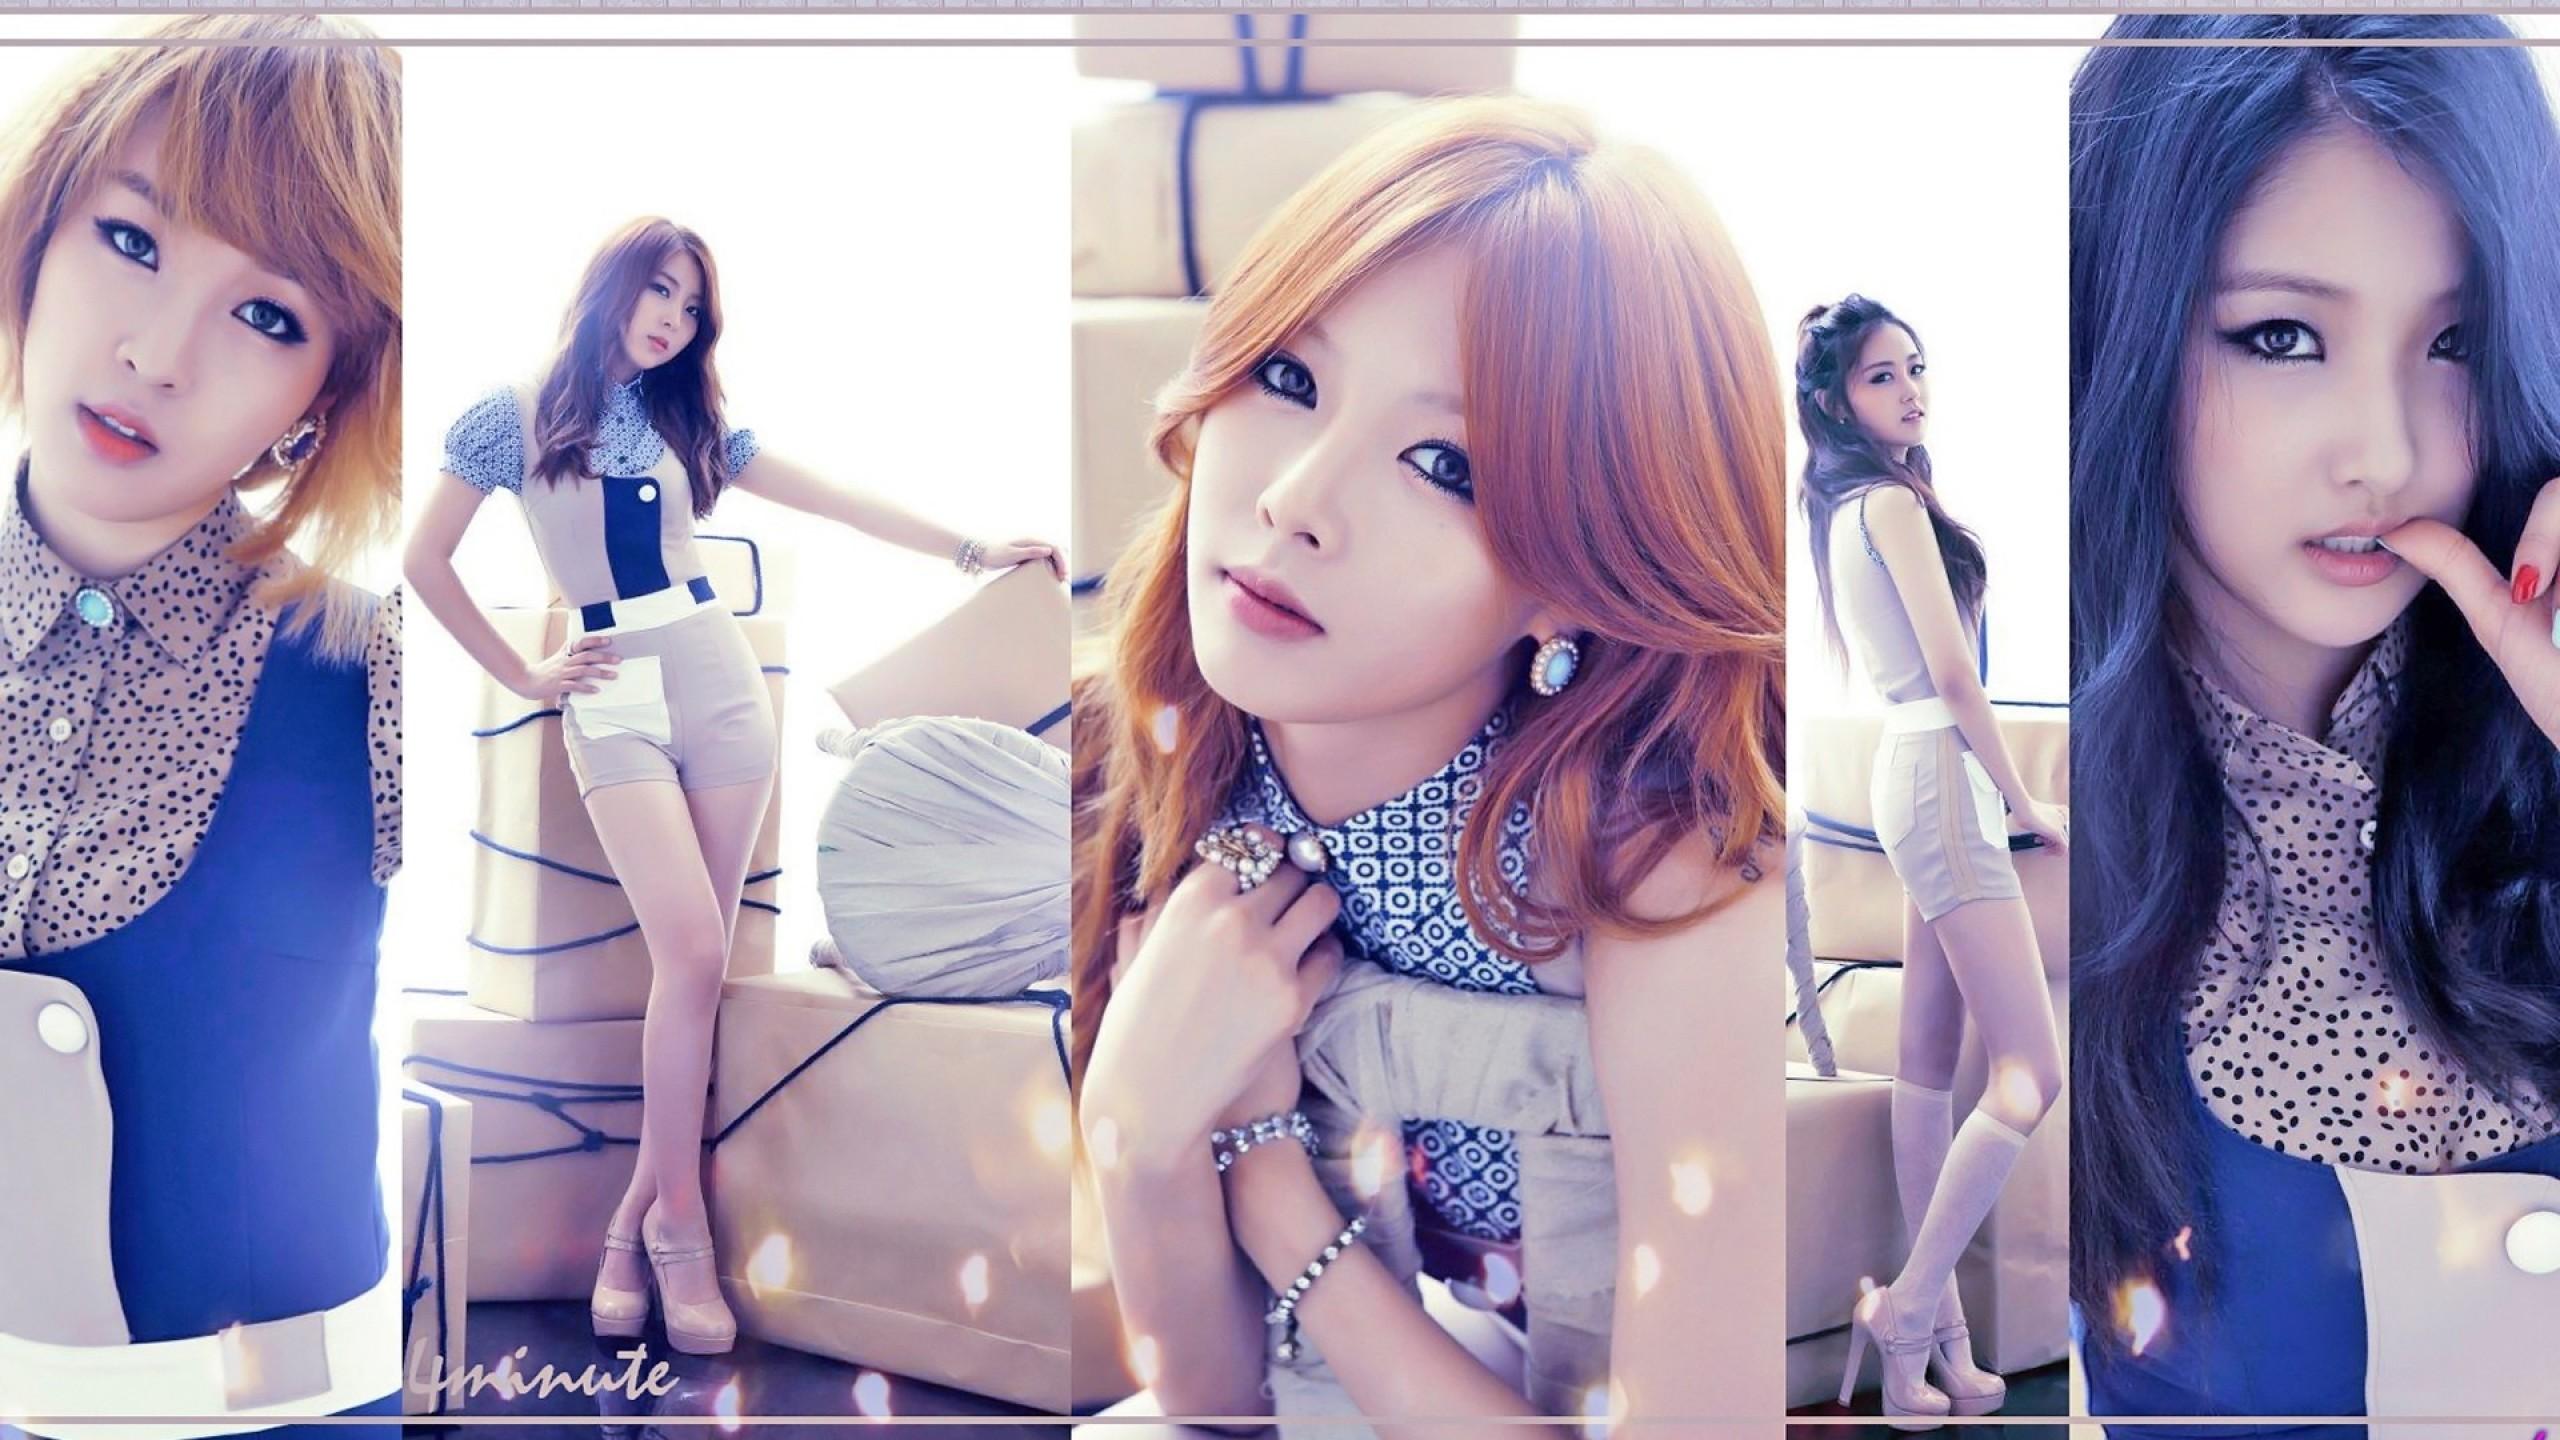 Kpop Desktop Wallpaper 75 Images